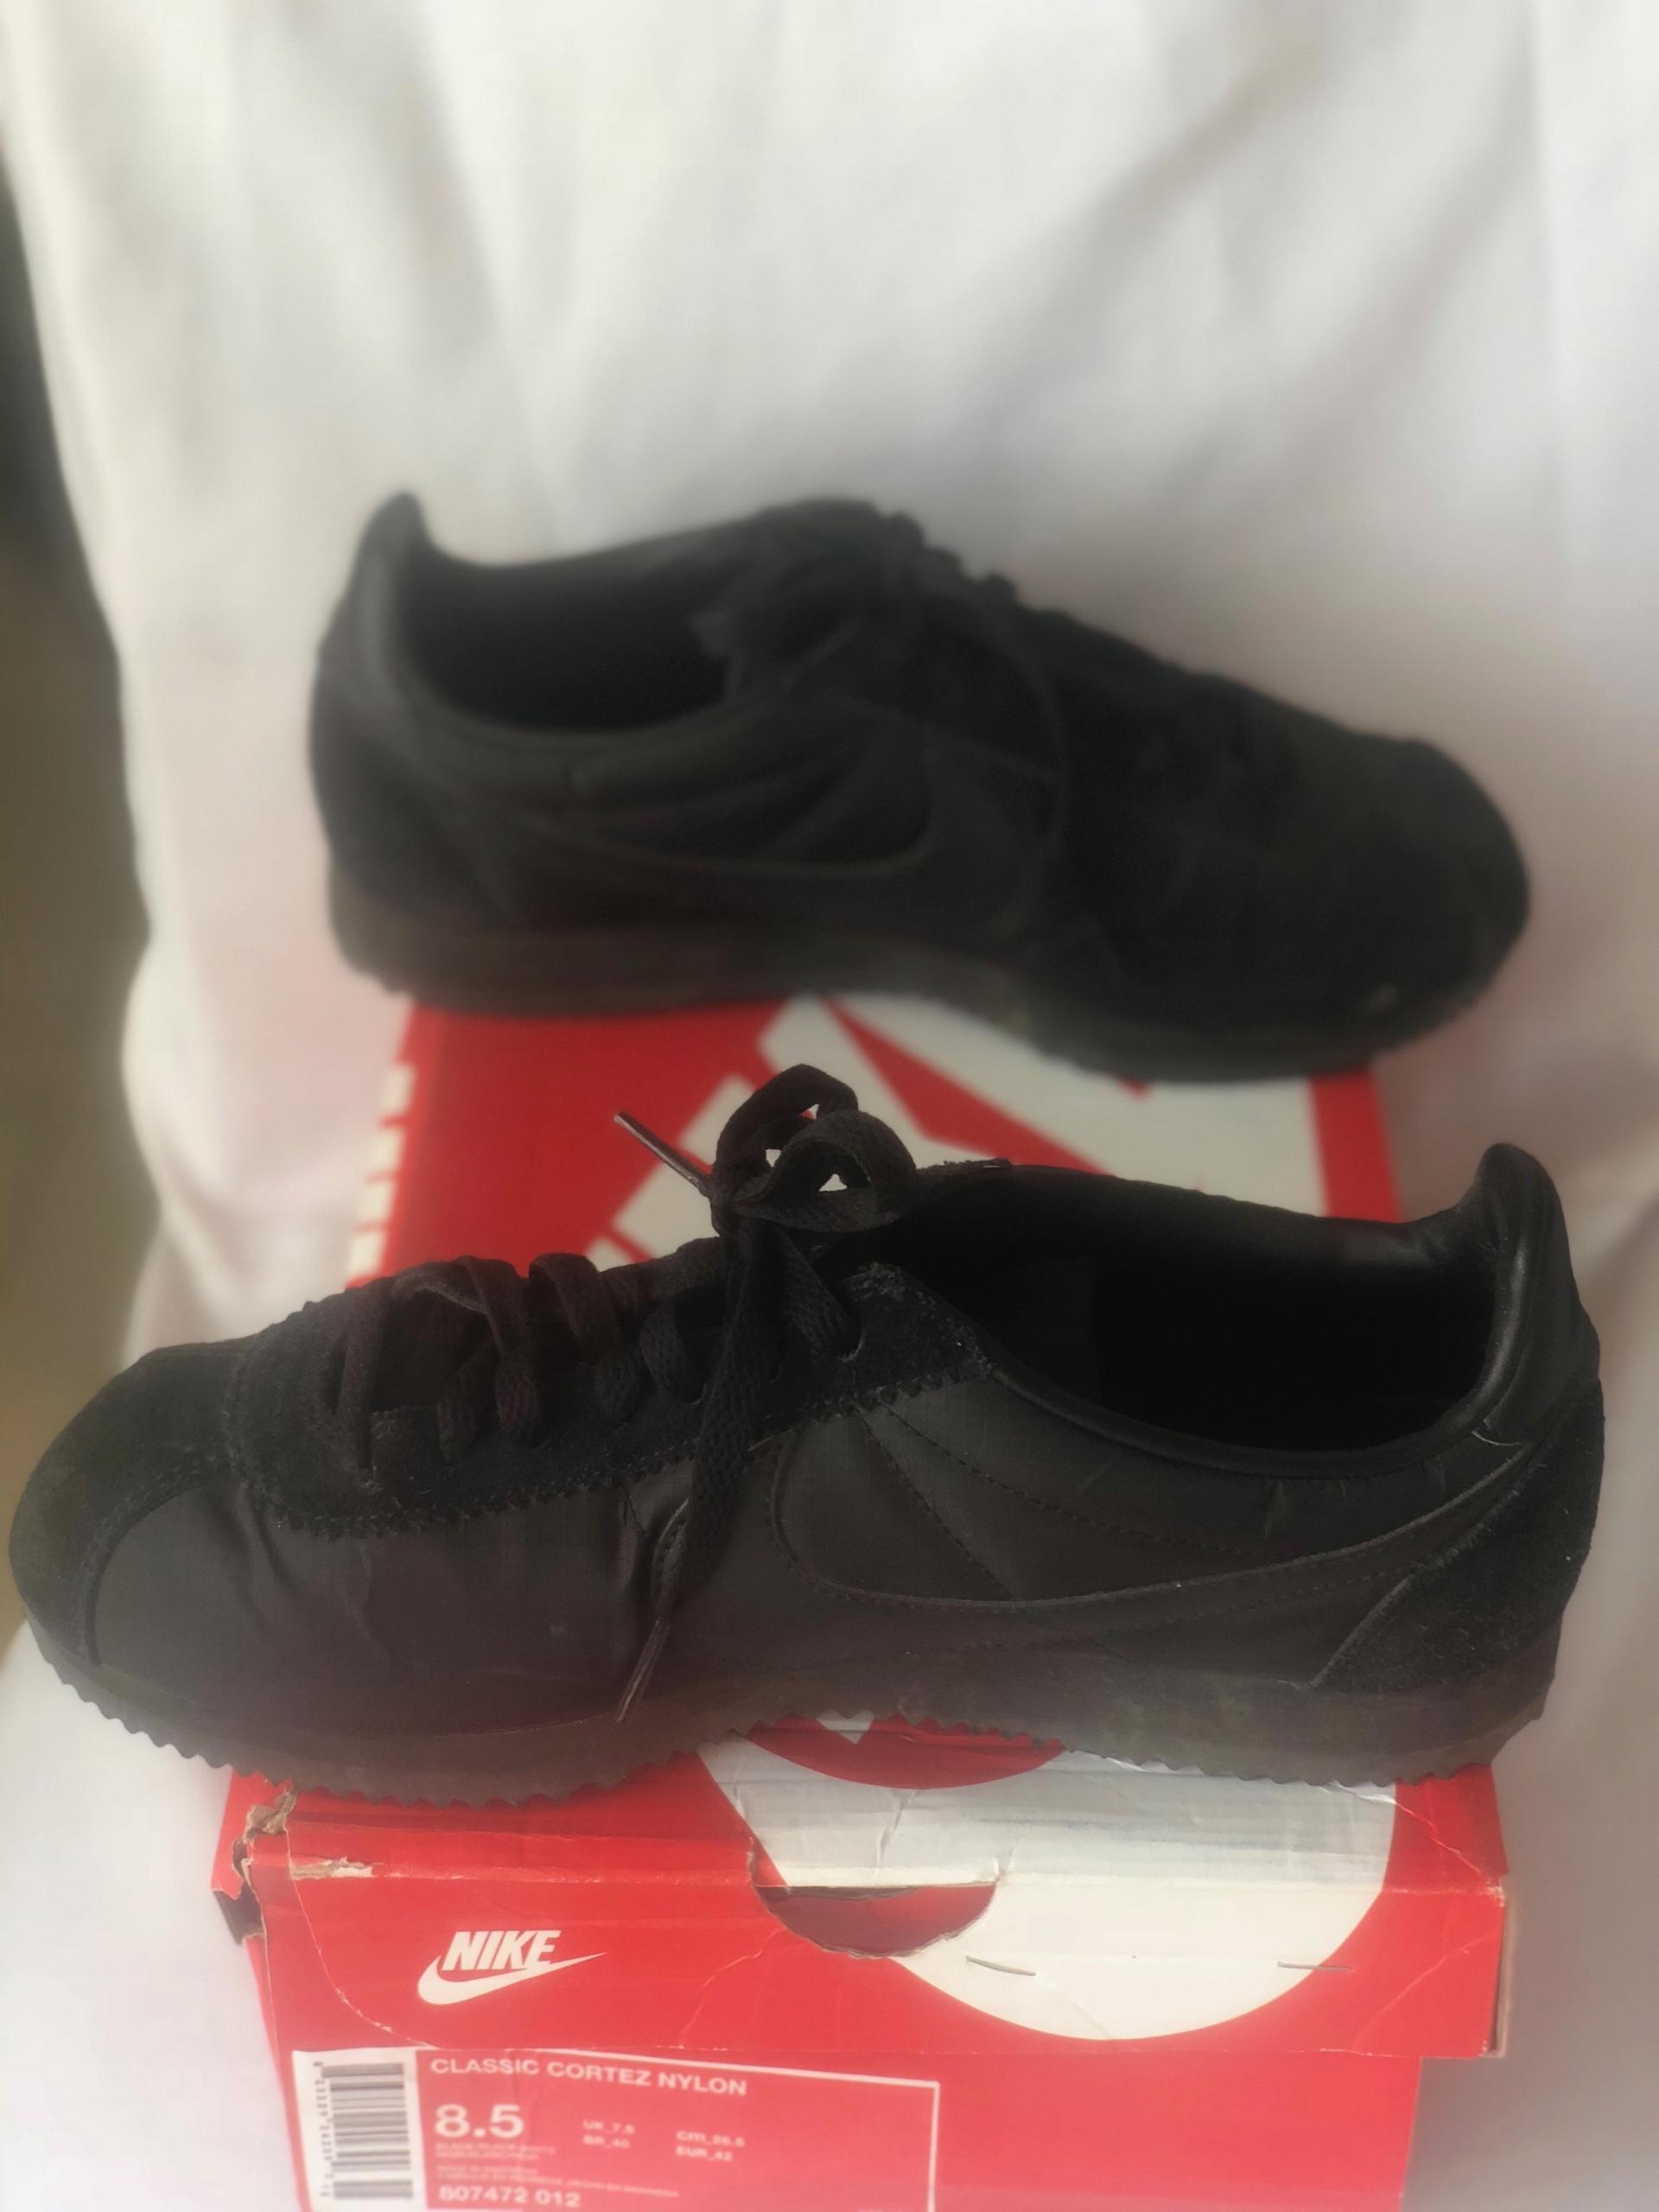 new arrival 95b13 5efe2 Buty Nike Classic Cortez Nylon r. 42 UŻYWANE